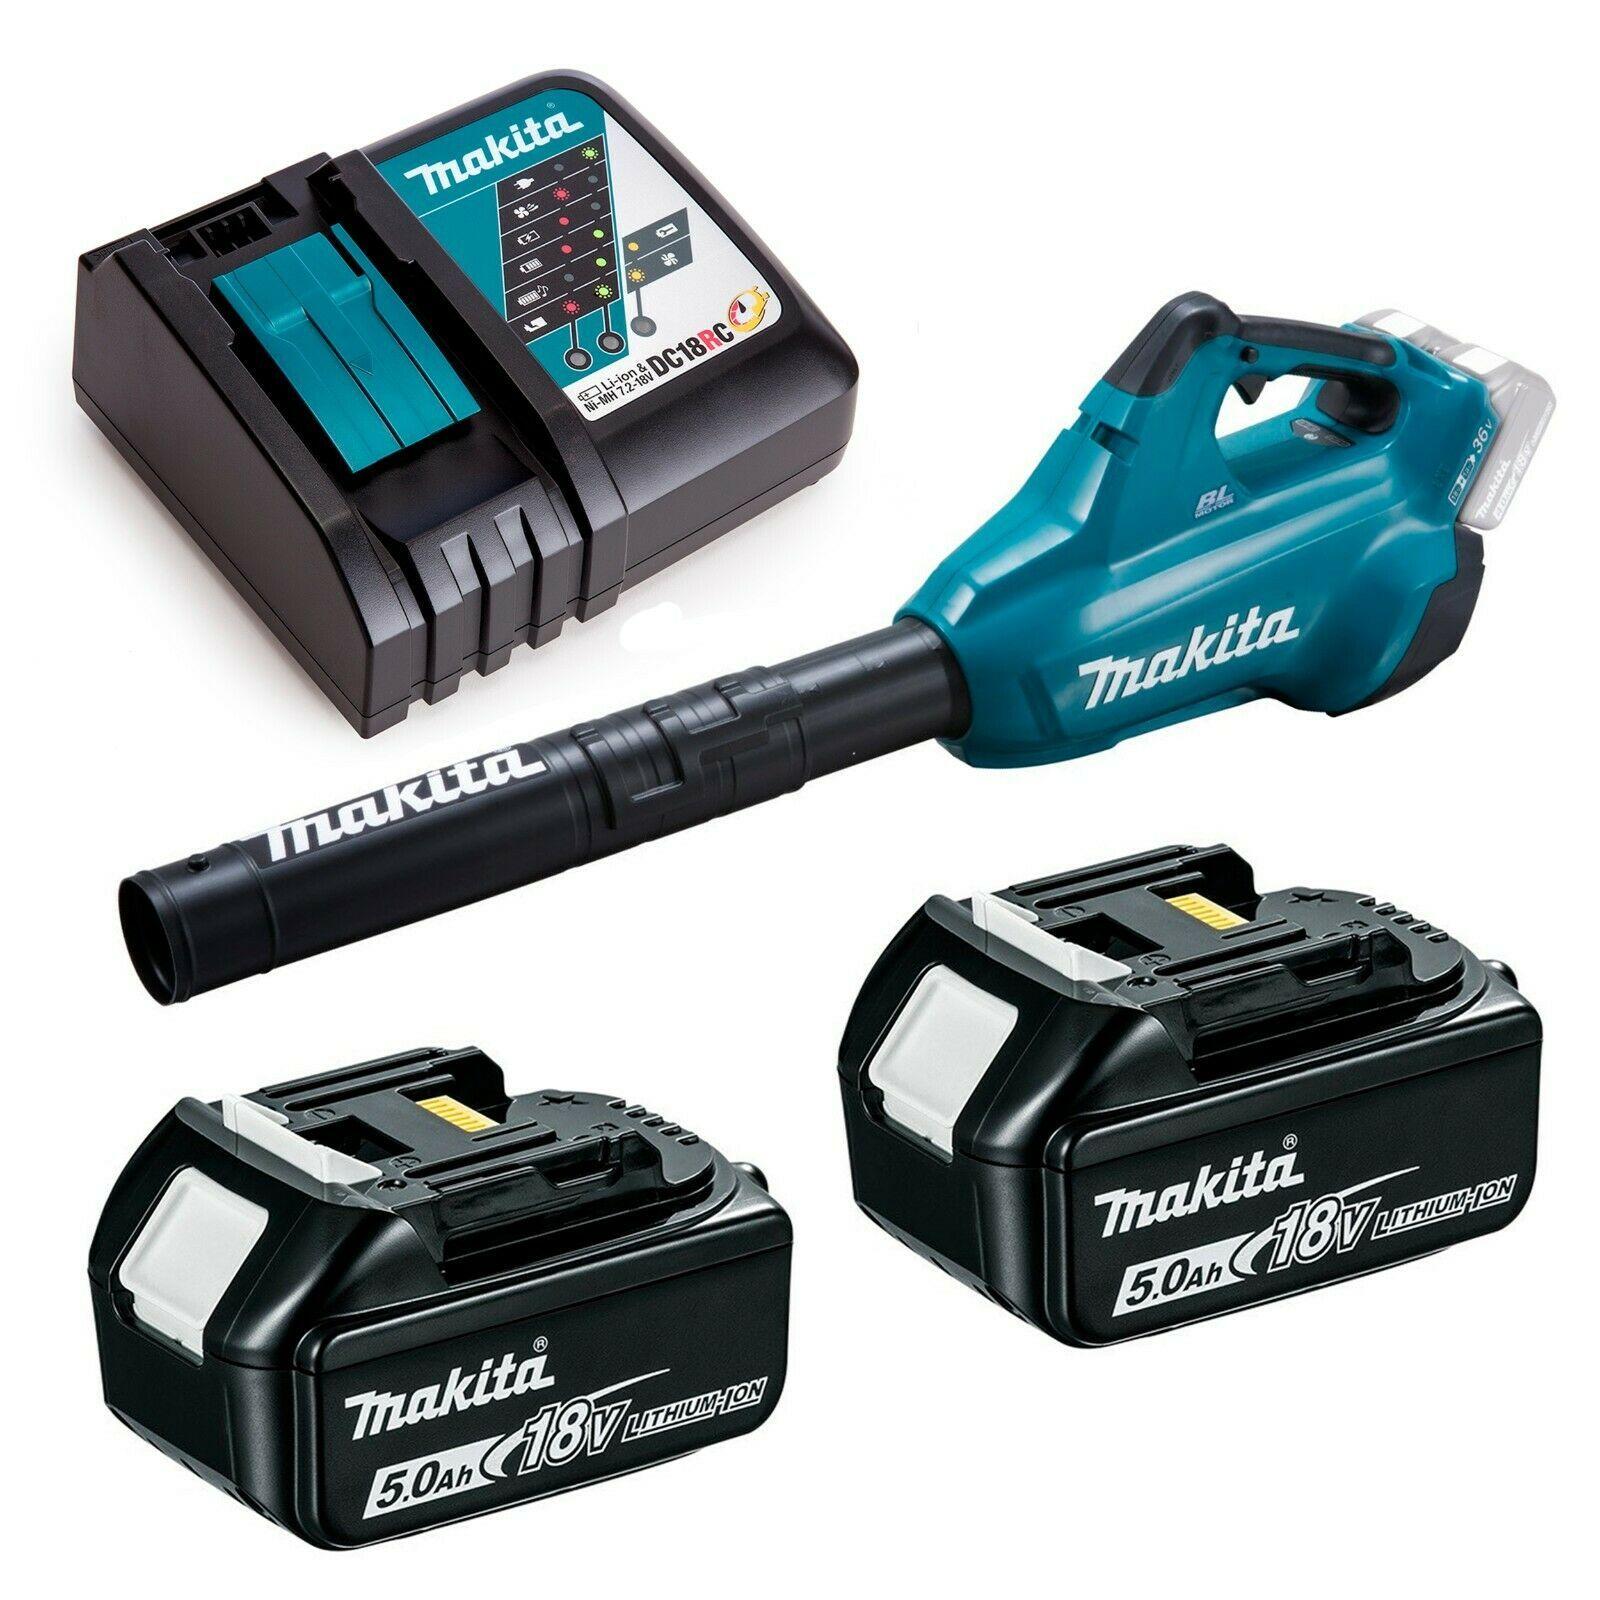 chargeur DC18RC Makita BL1850b Ventilateur sans fil 2 x 18 V DUB362Z 2 x batterie 5,0 Ah